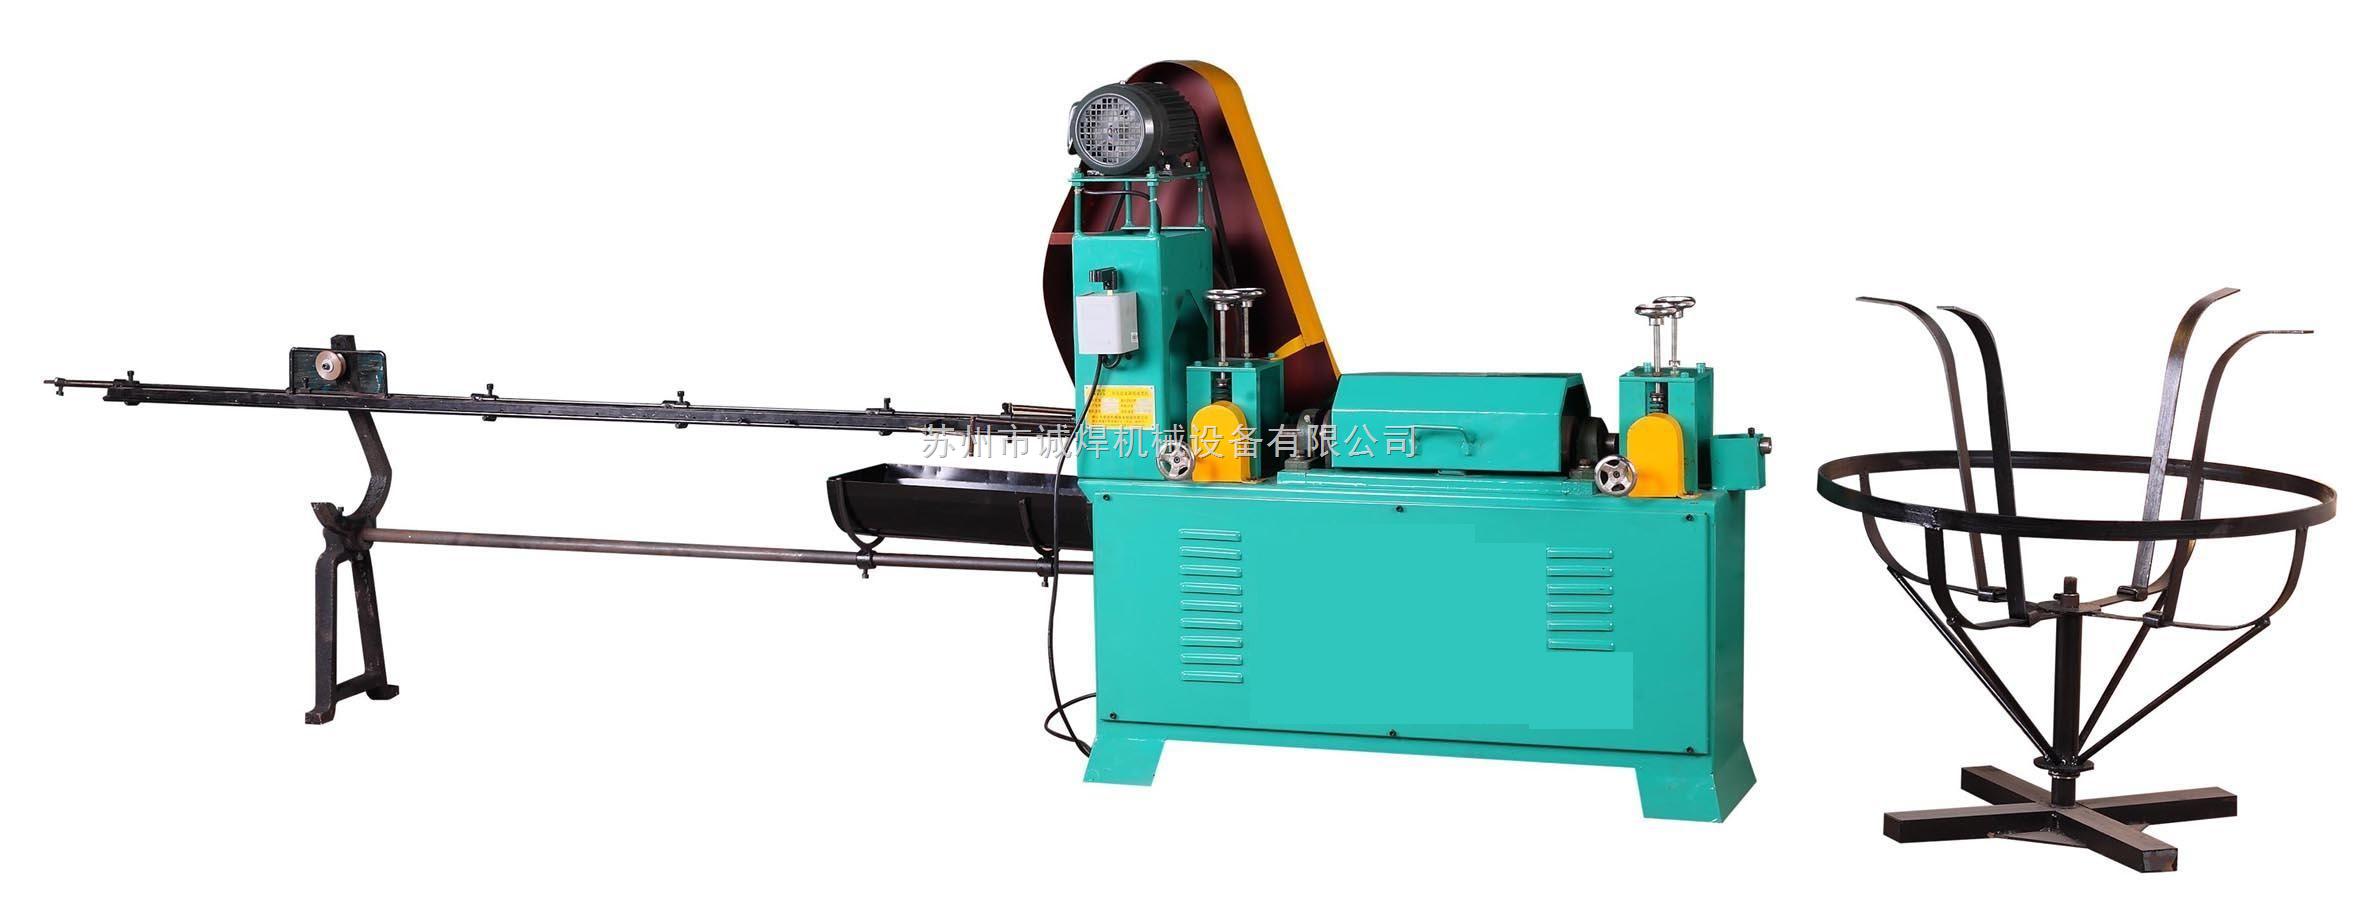 苏州市诚焊机械调直切断机